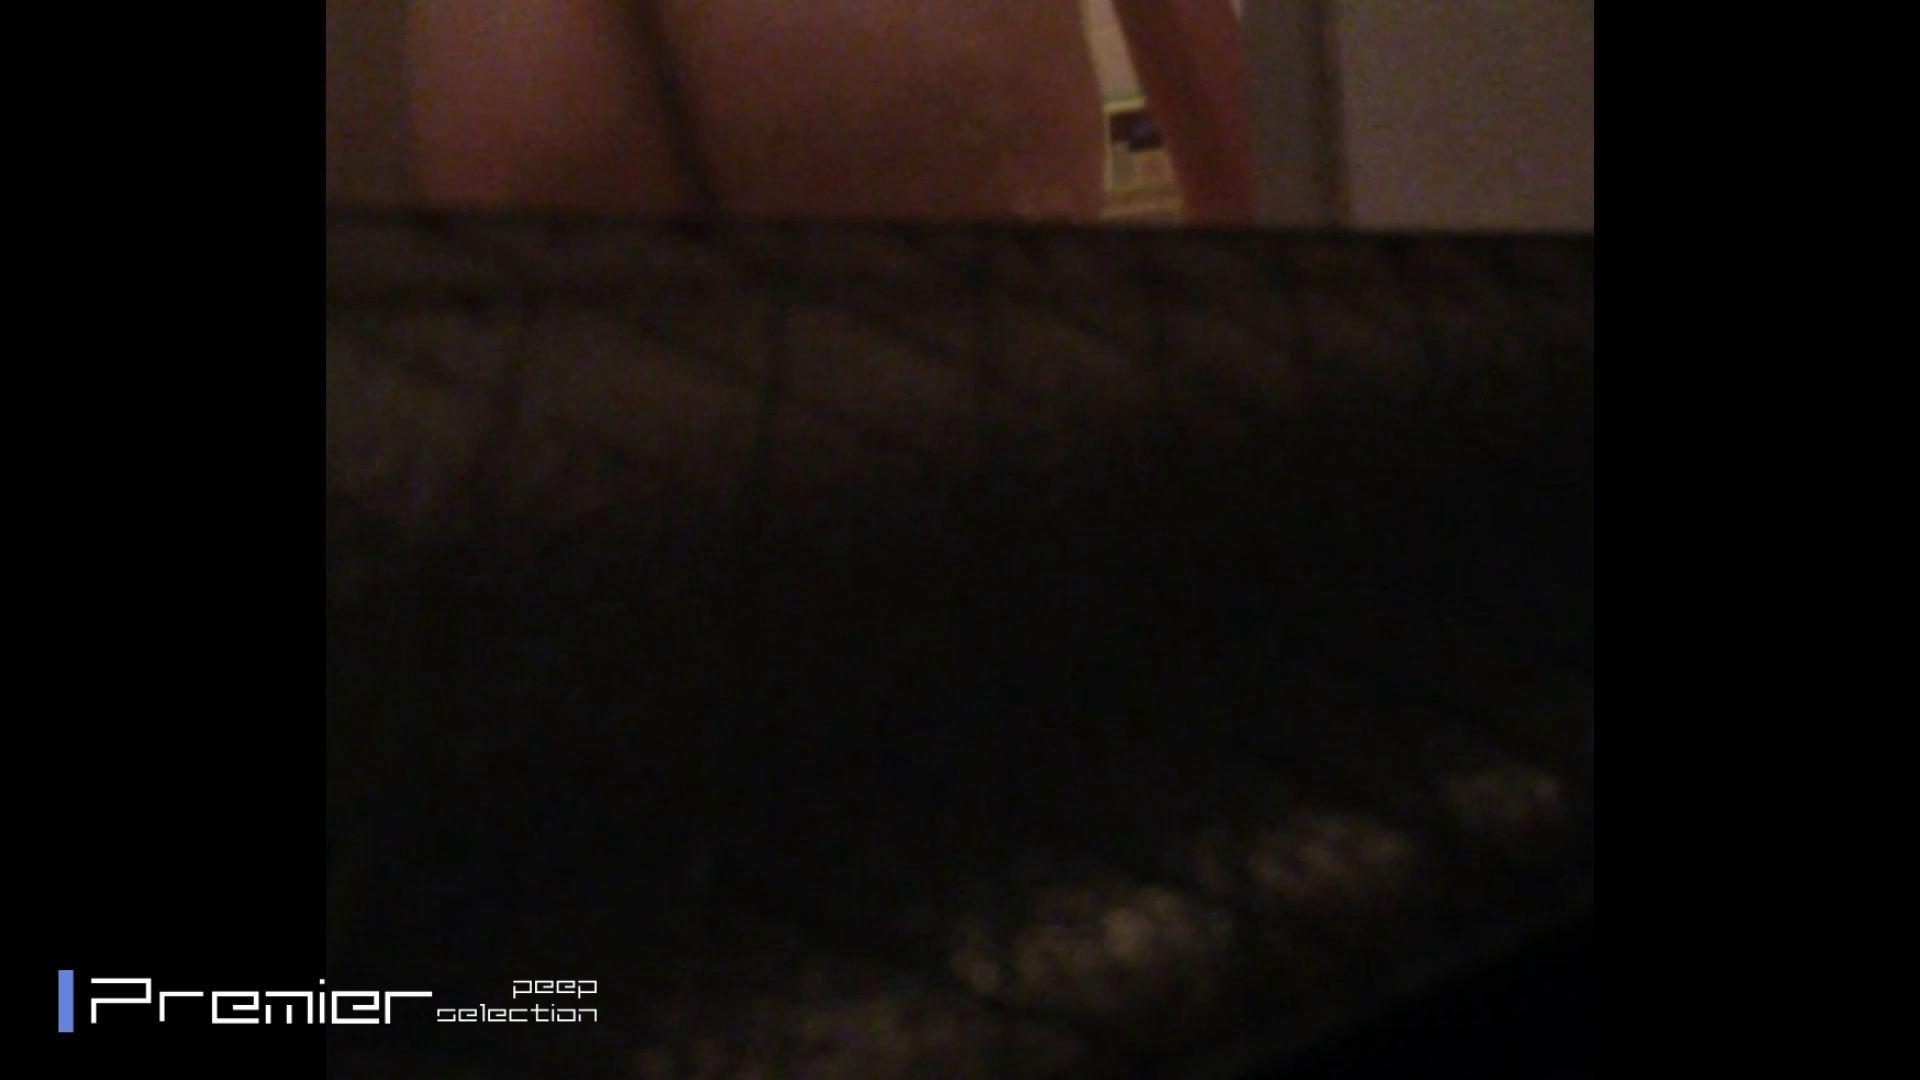 美女達の私生活に潜入!  美しい女性たちのお尻を隠し撮り 潜入エロ調査 | 美女達のヌード  71連発 33